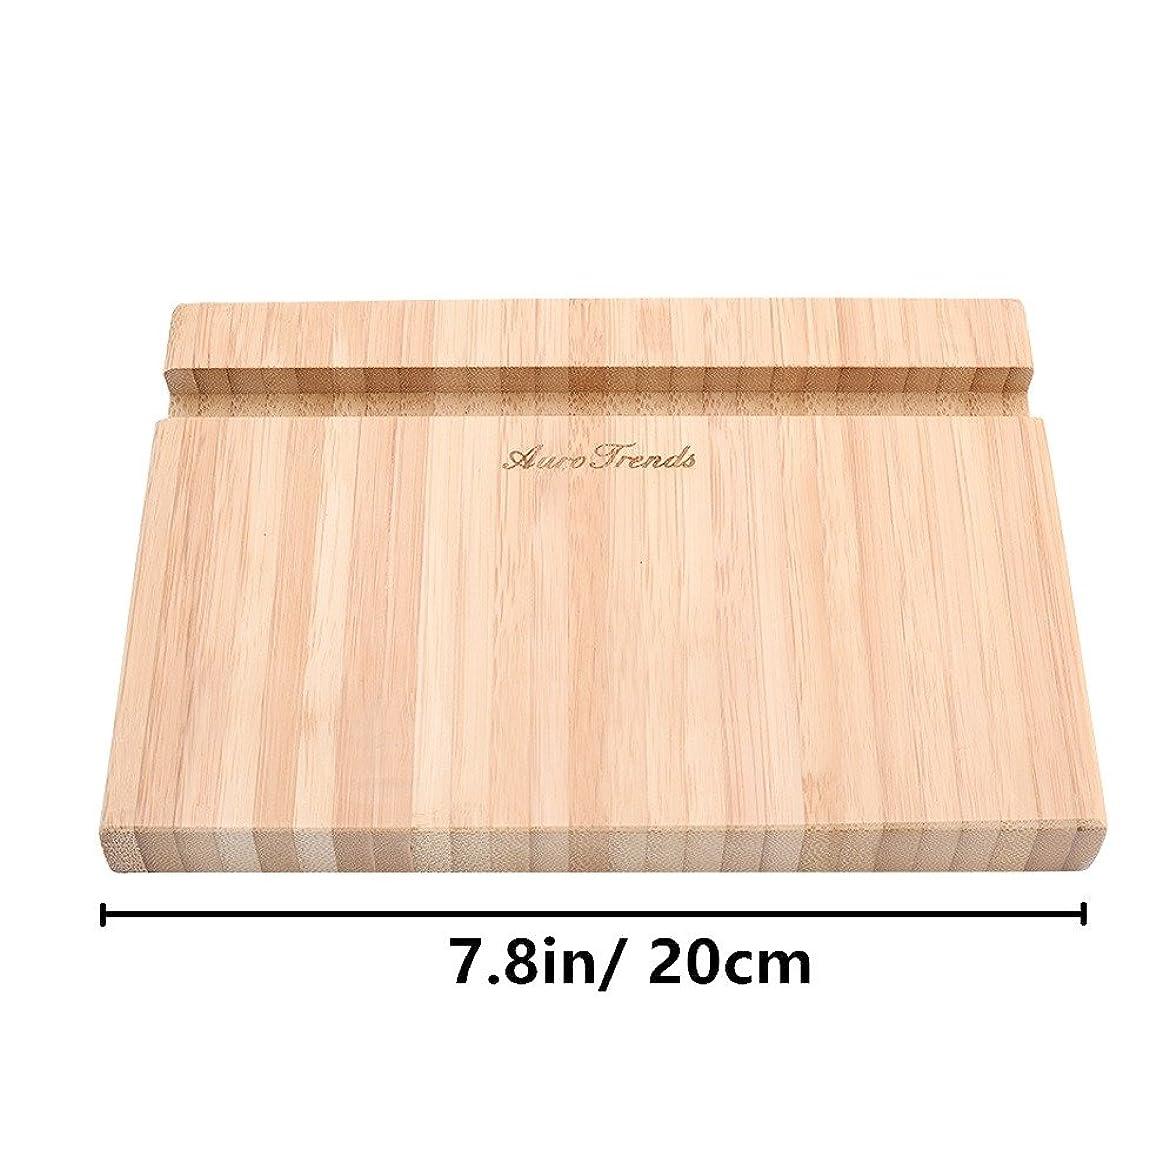 ヒロイック偽造送金AuroTrends 木製 タブレットスタンド iPadスタンド 竹製 卓上ホルダー 充電スタンド スマホ用 充電ホルダー シンプル